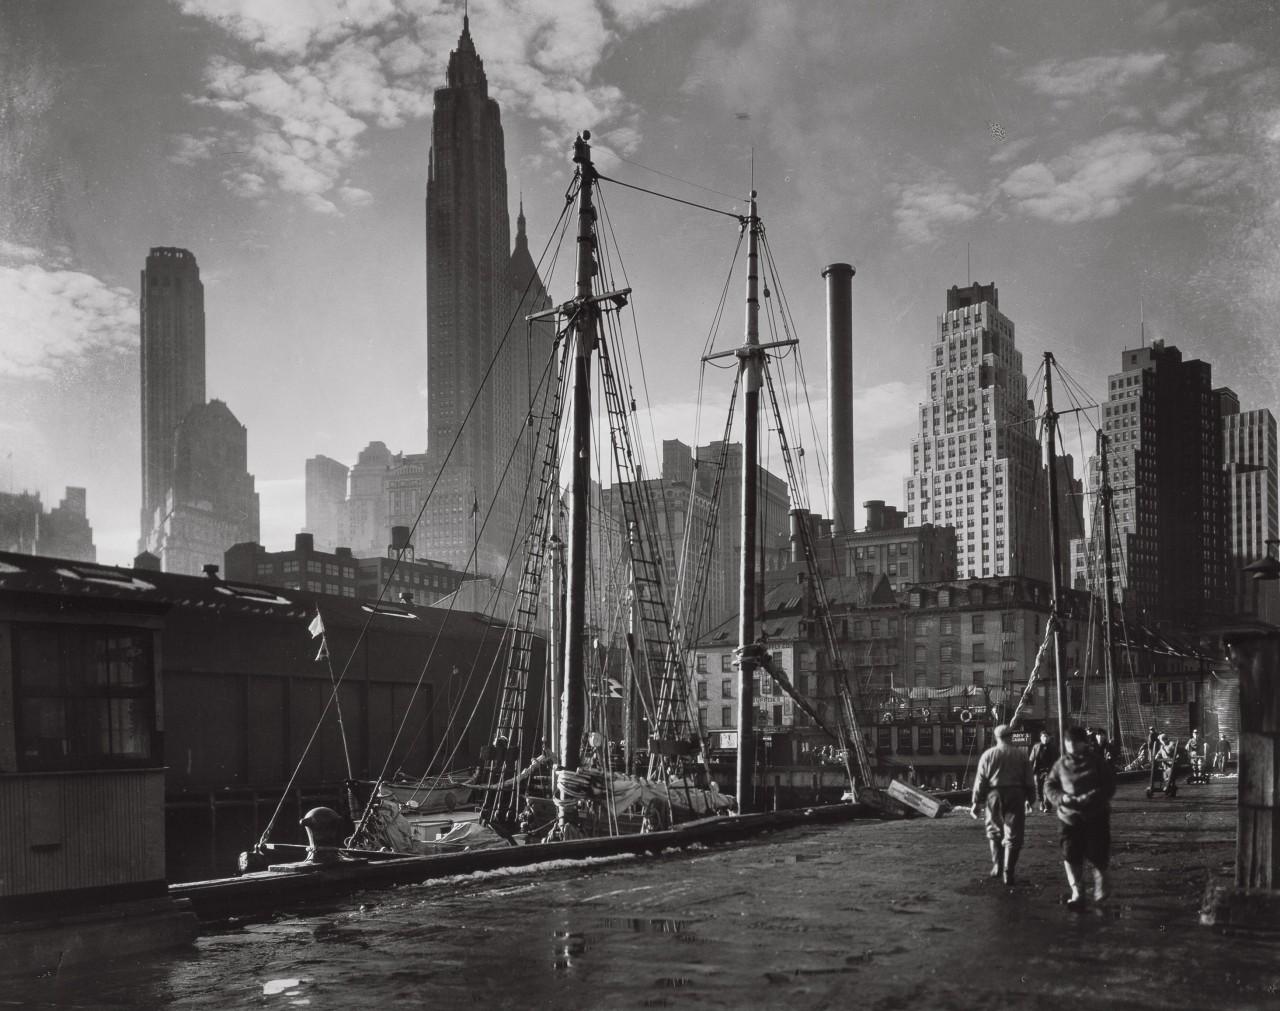 Фултон-стрит, Манхэттенский пейзаж с 17-го пирса, 26 ноября 1935. Автор Беренис Эббот